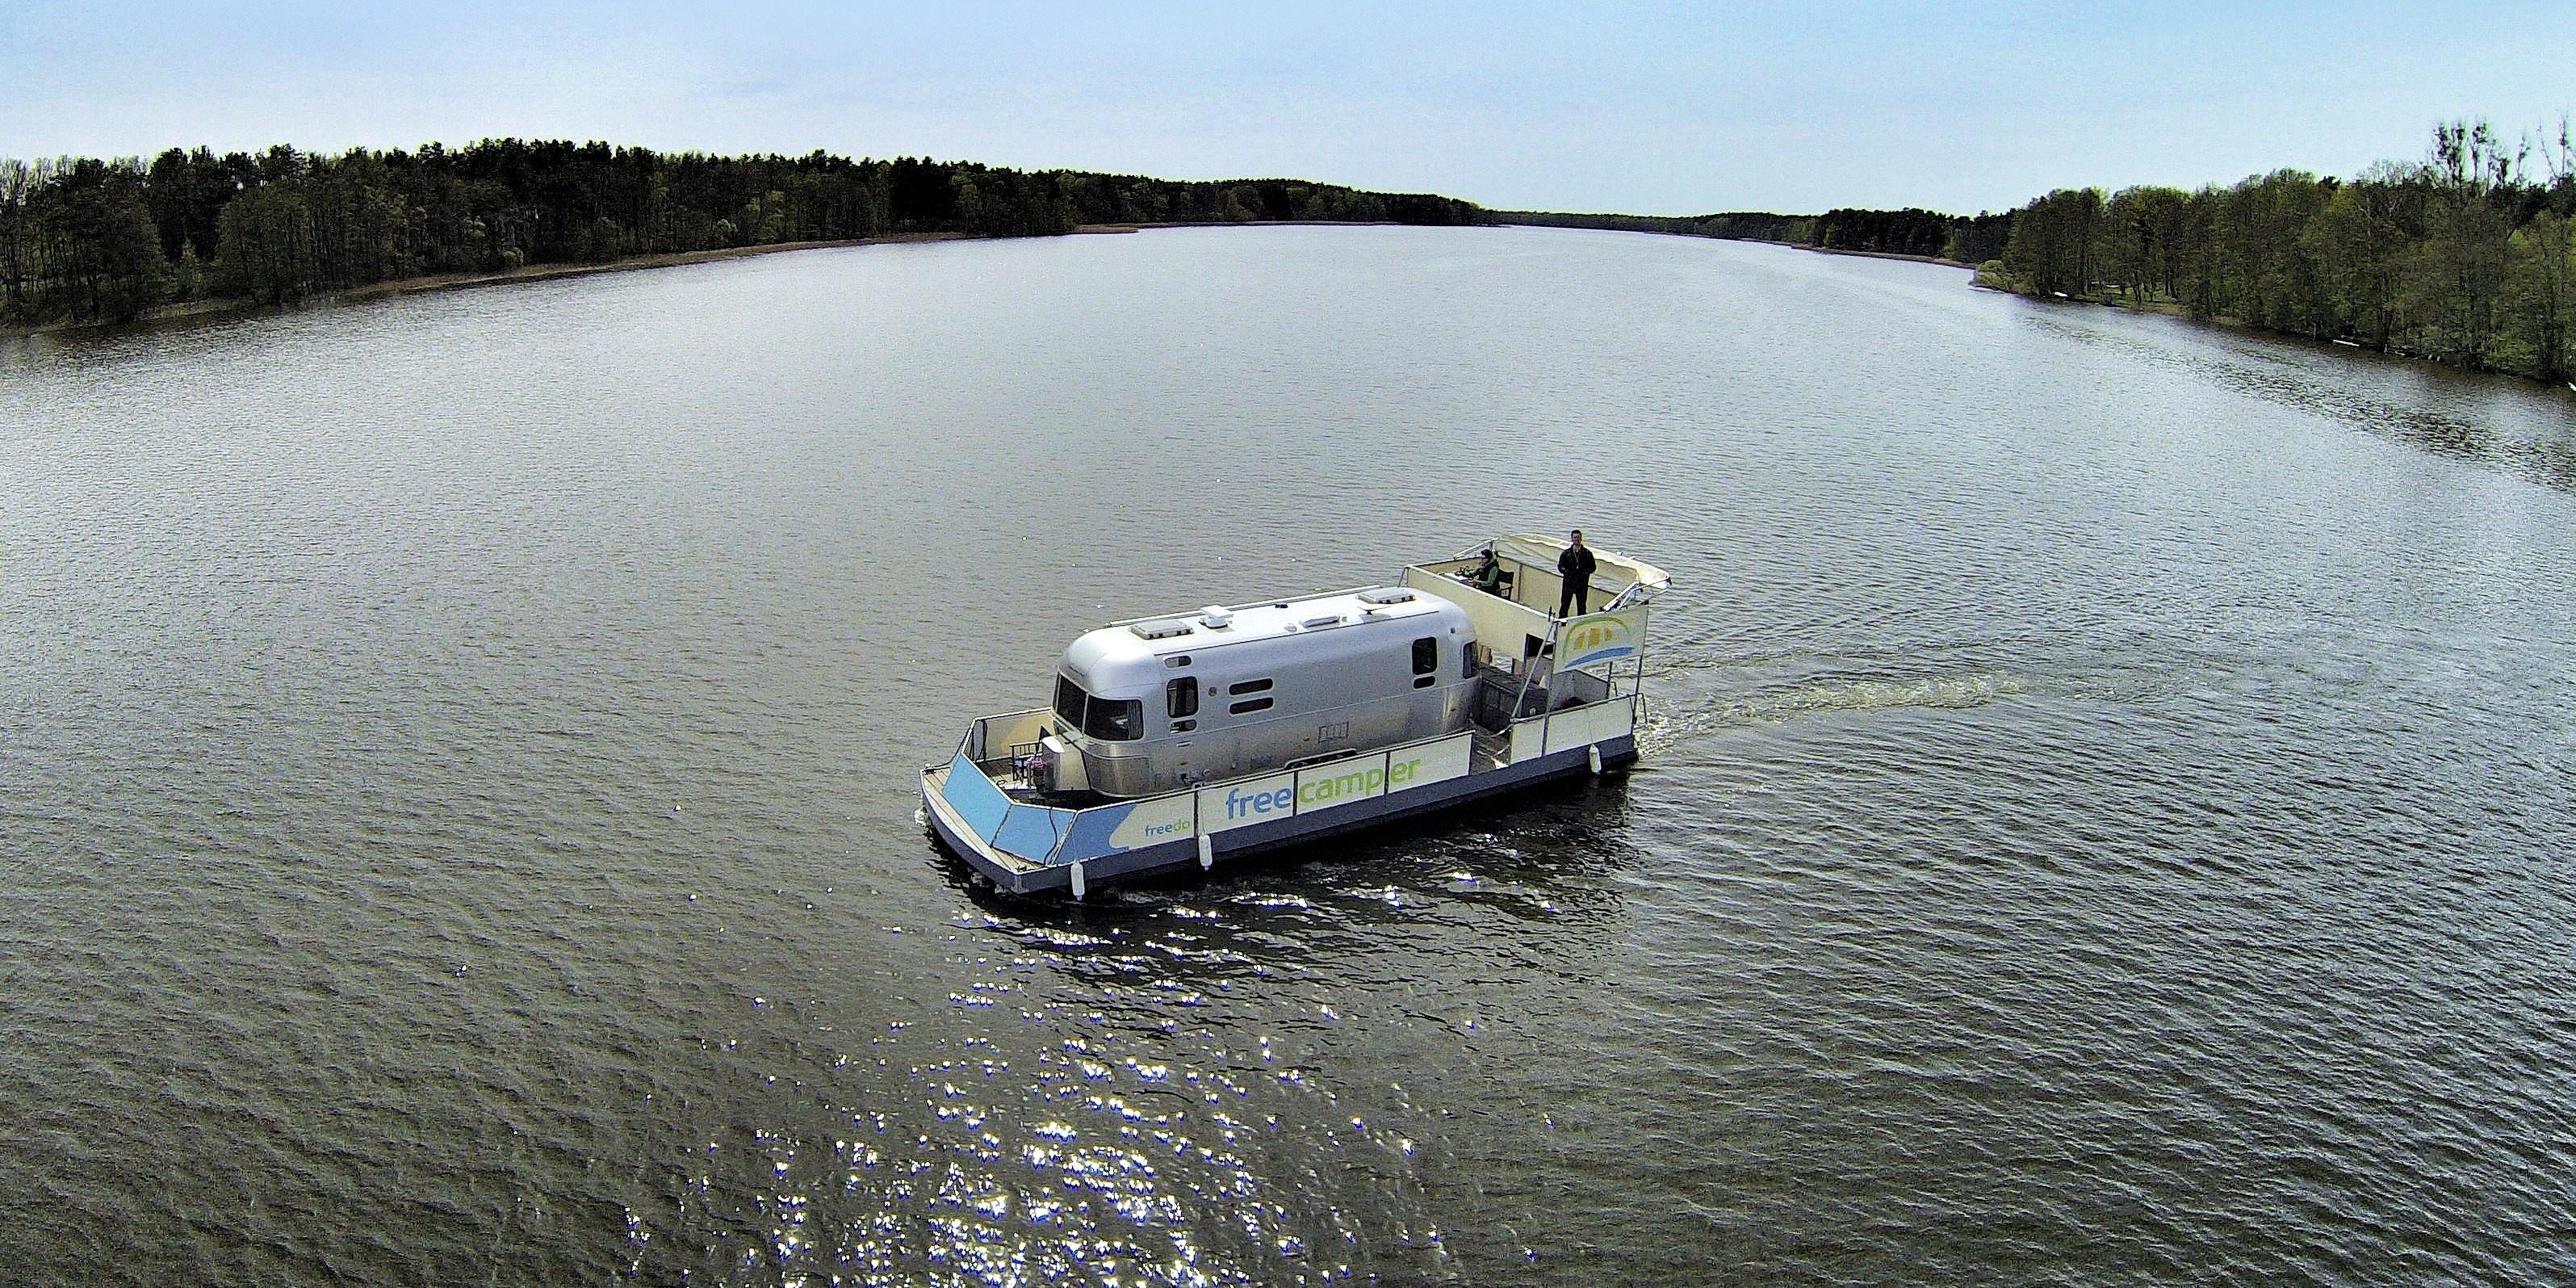 <span>Mit dem Reisemobil oder Caravan aufs Wasser</span>